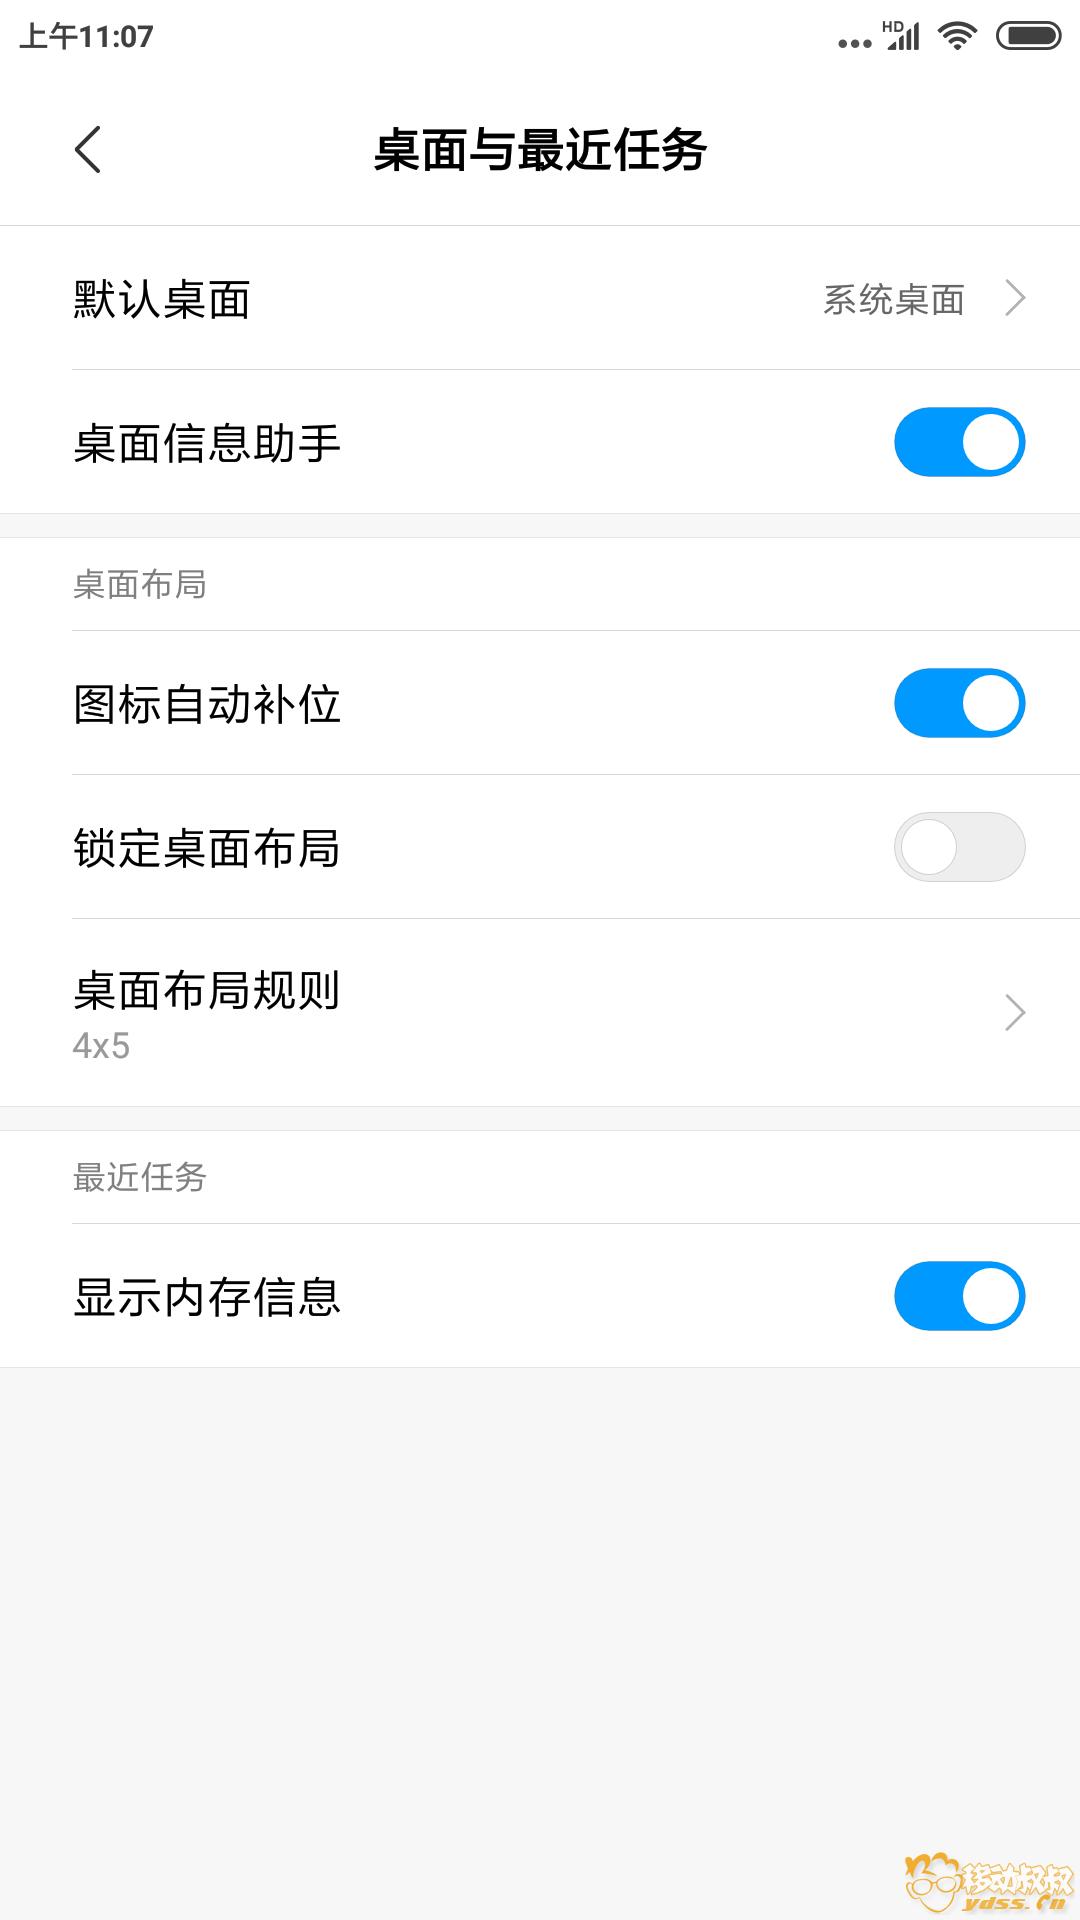 Screenshot_2018-07-02-11-07-28-956_com.miui.home.png